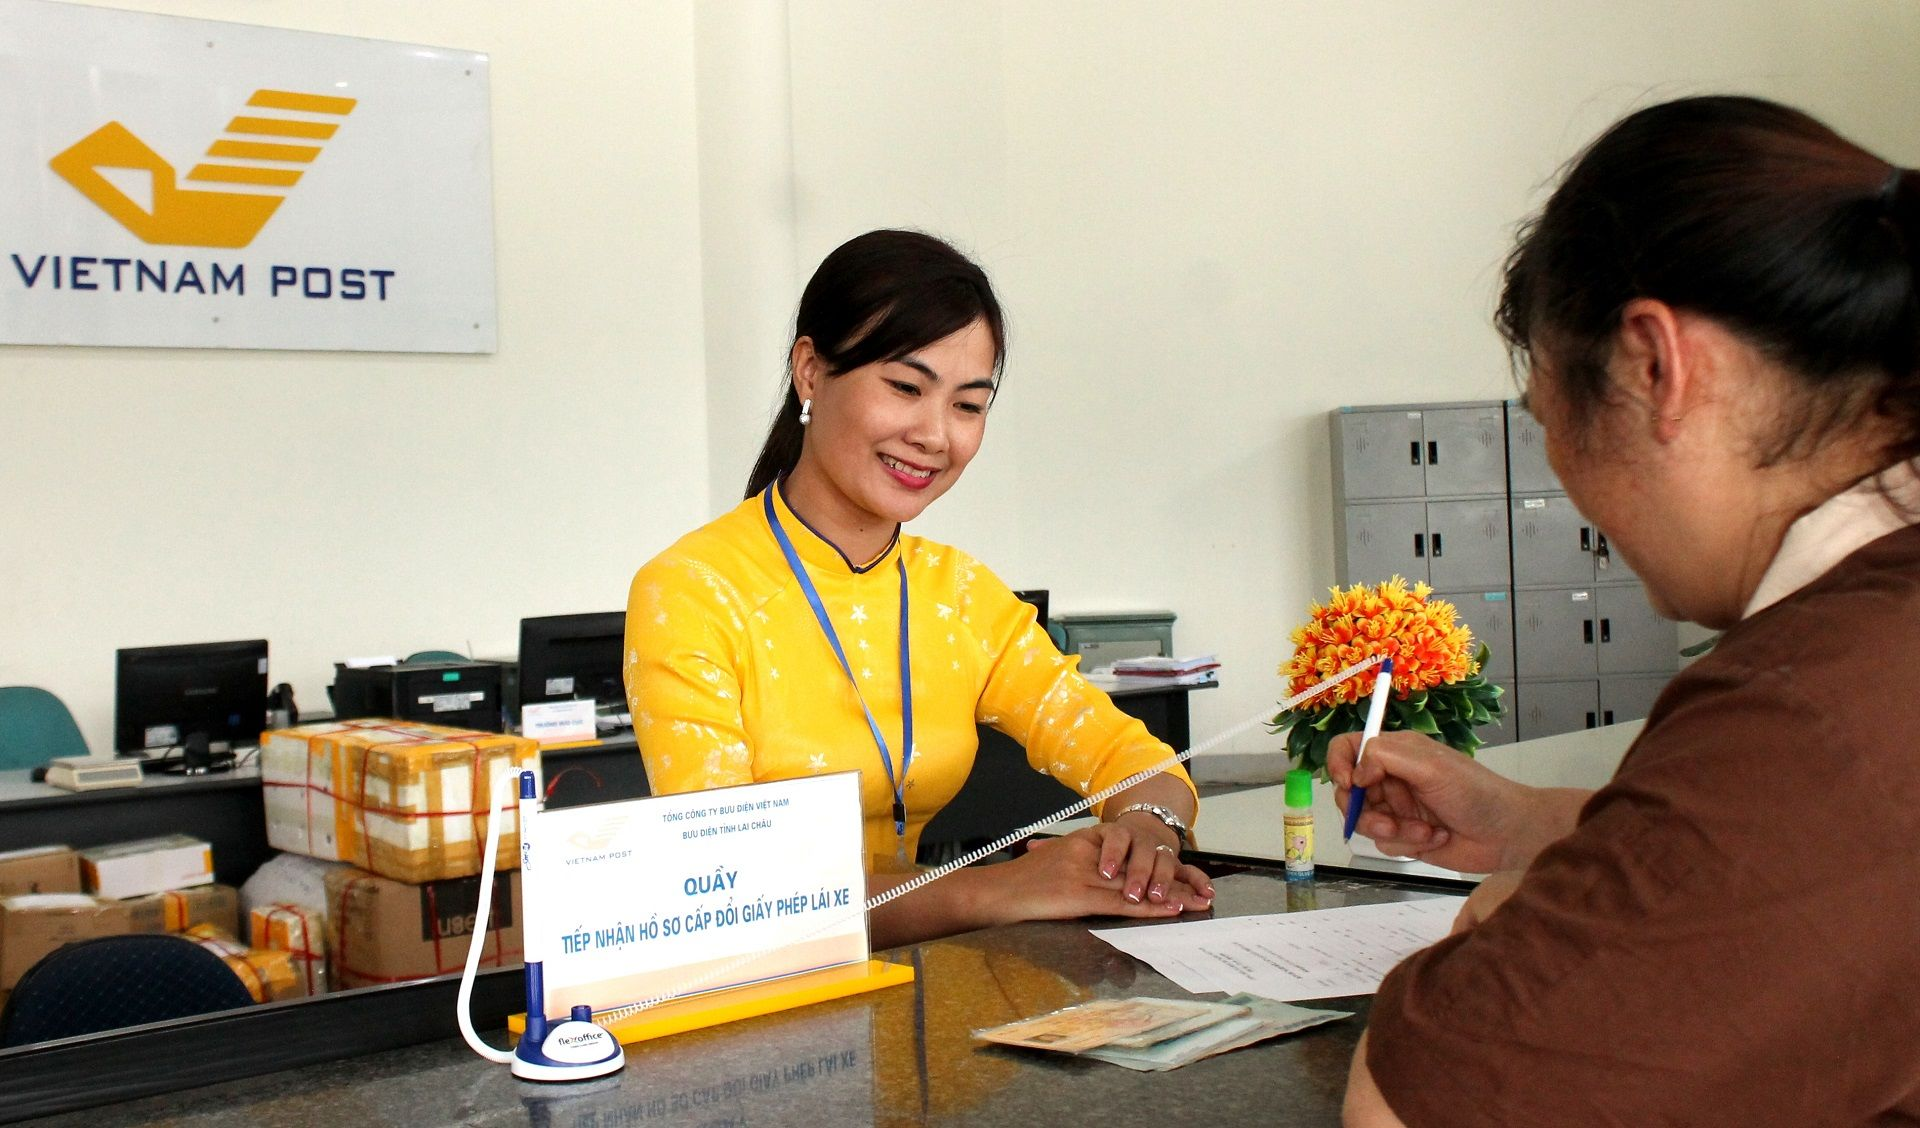 Lịch làm việc của bưu điện là từ mấy giờ đến mấy giờ?